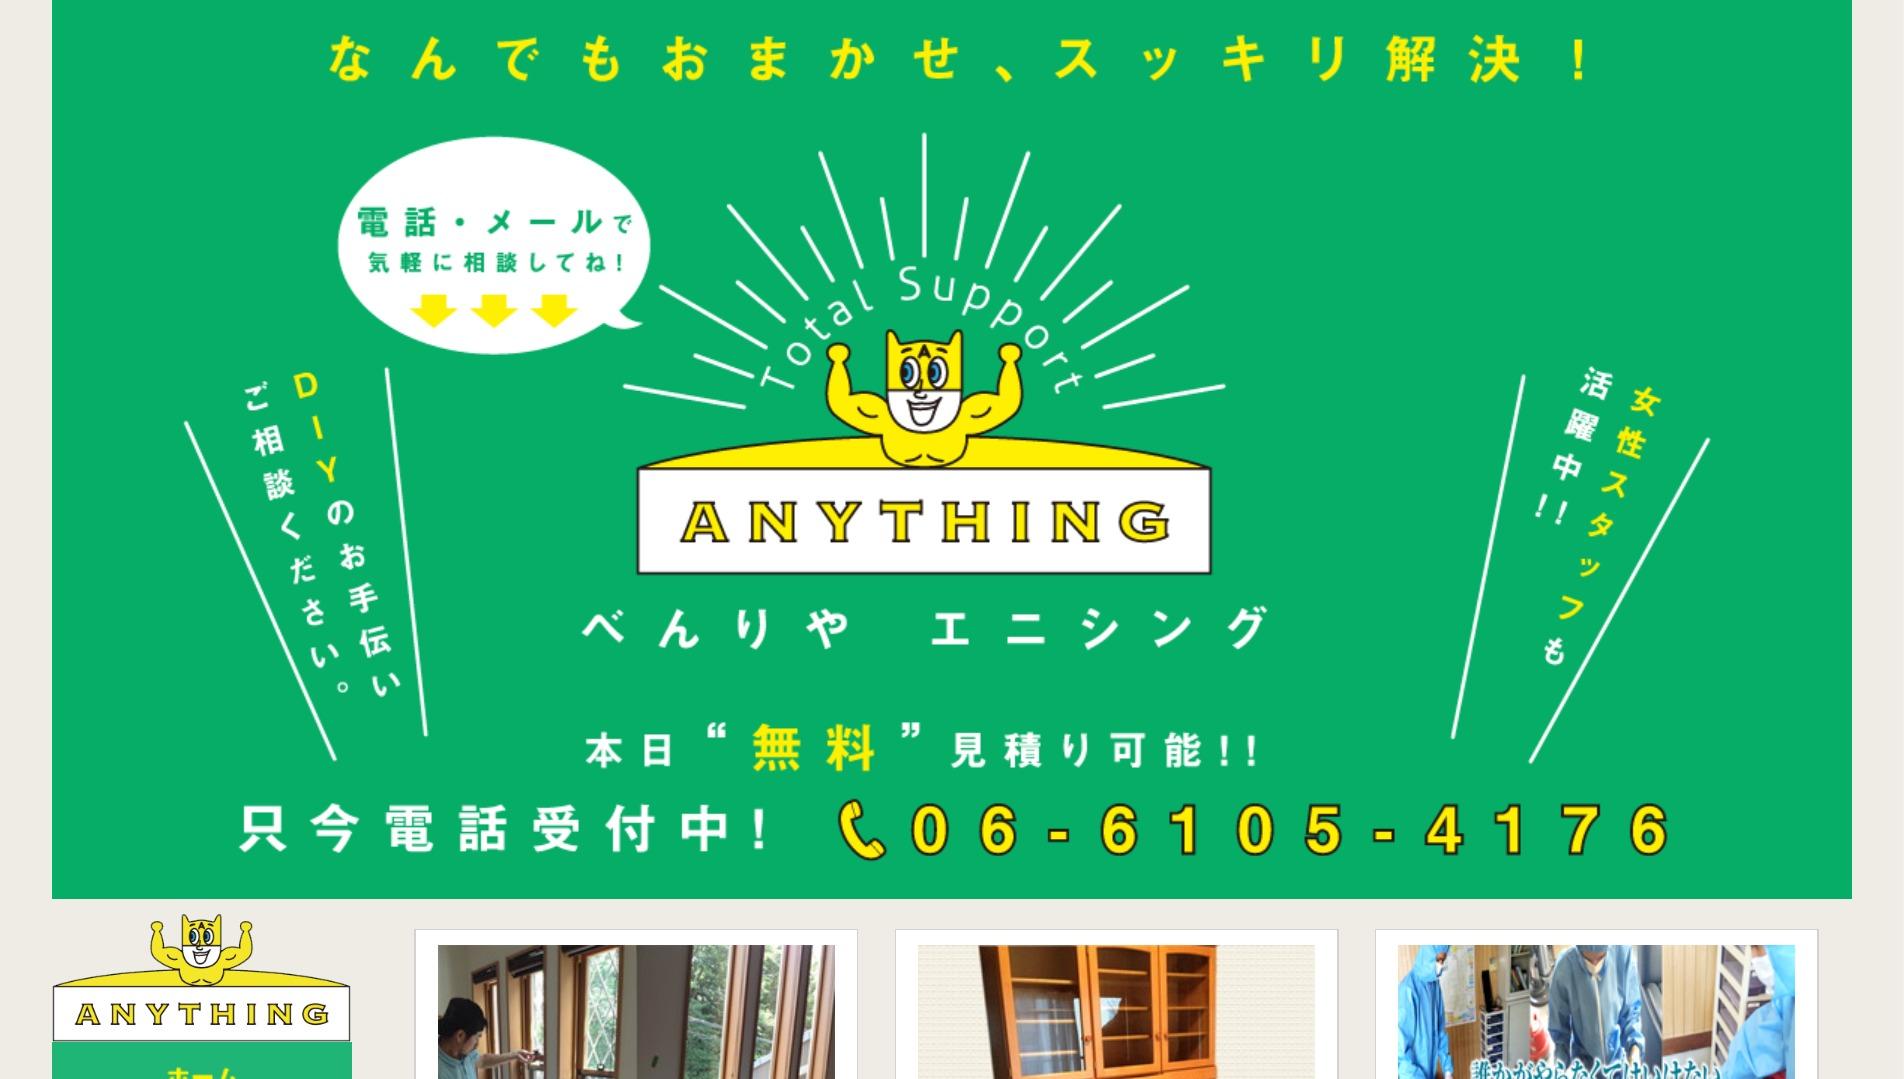 便利屋Anything(大阪府大阪市中央区)